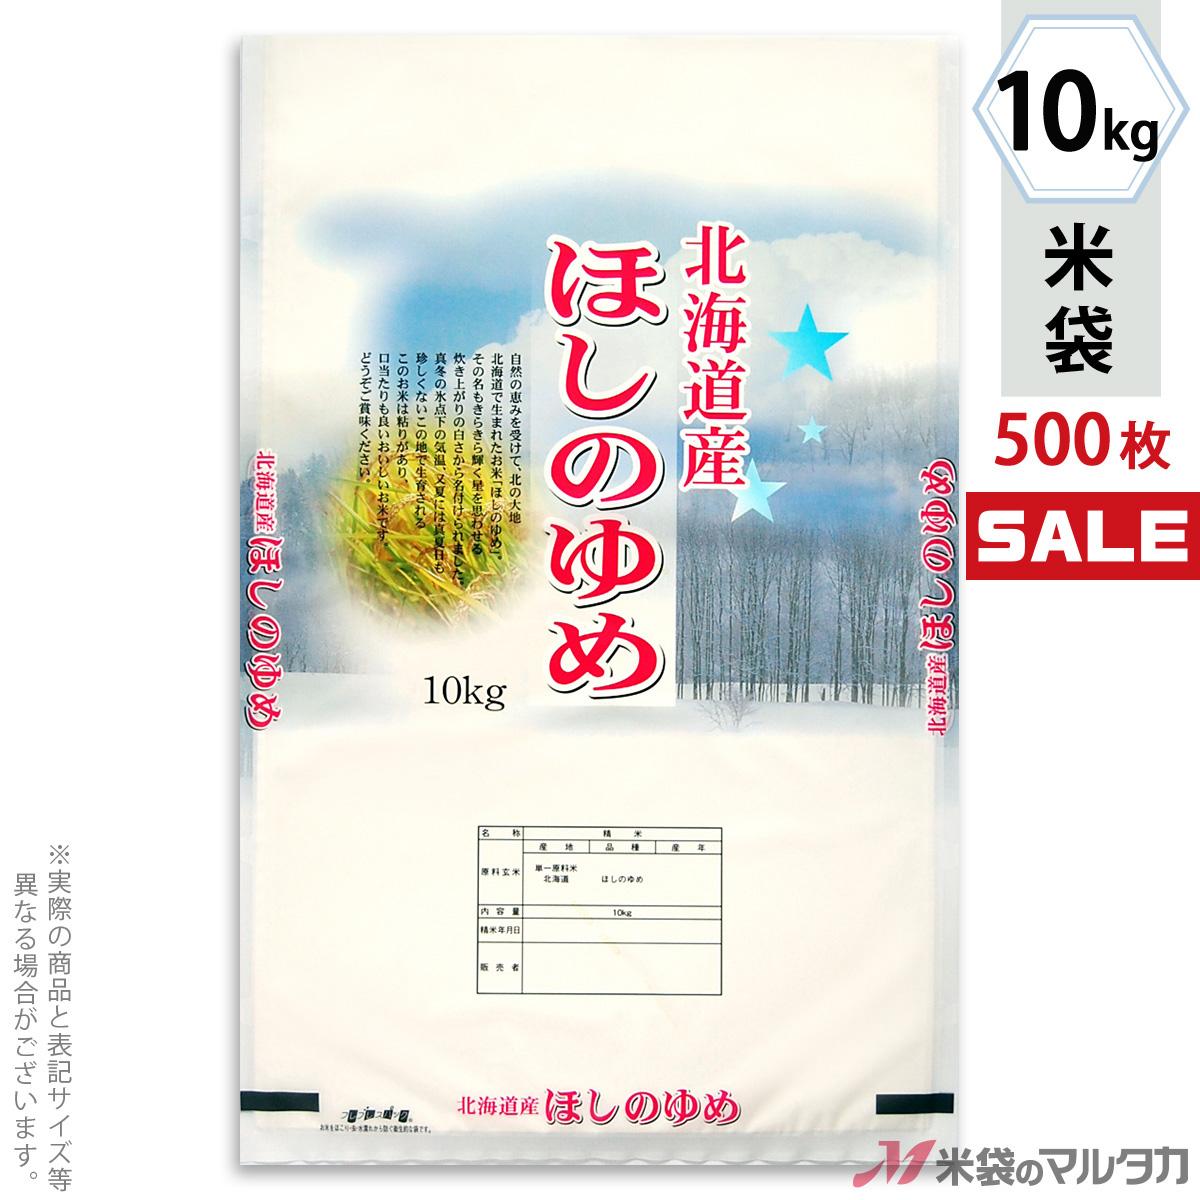 <キャンペーン対応>米袋 ラミ フレブレス 北海道産ほしのゆめ 樹氷 10kg 1ケース(500枚入) MN-7800